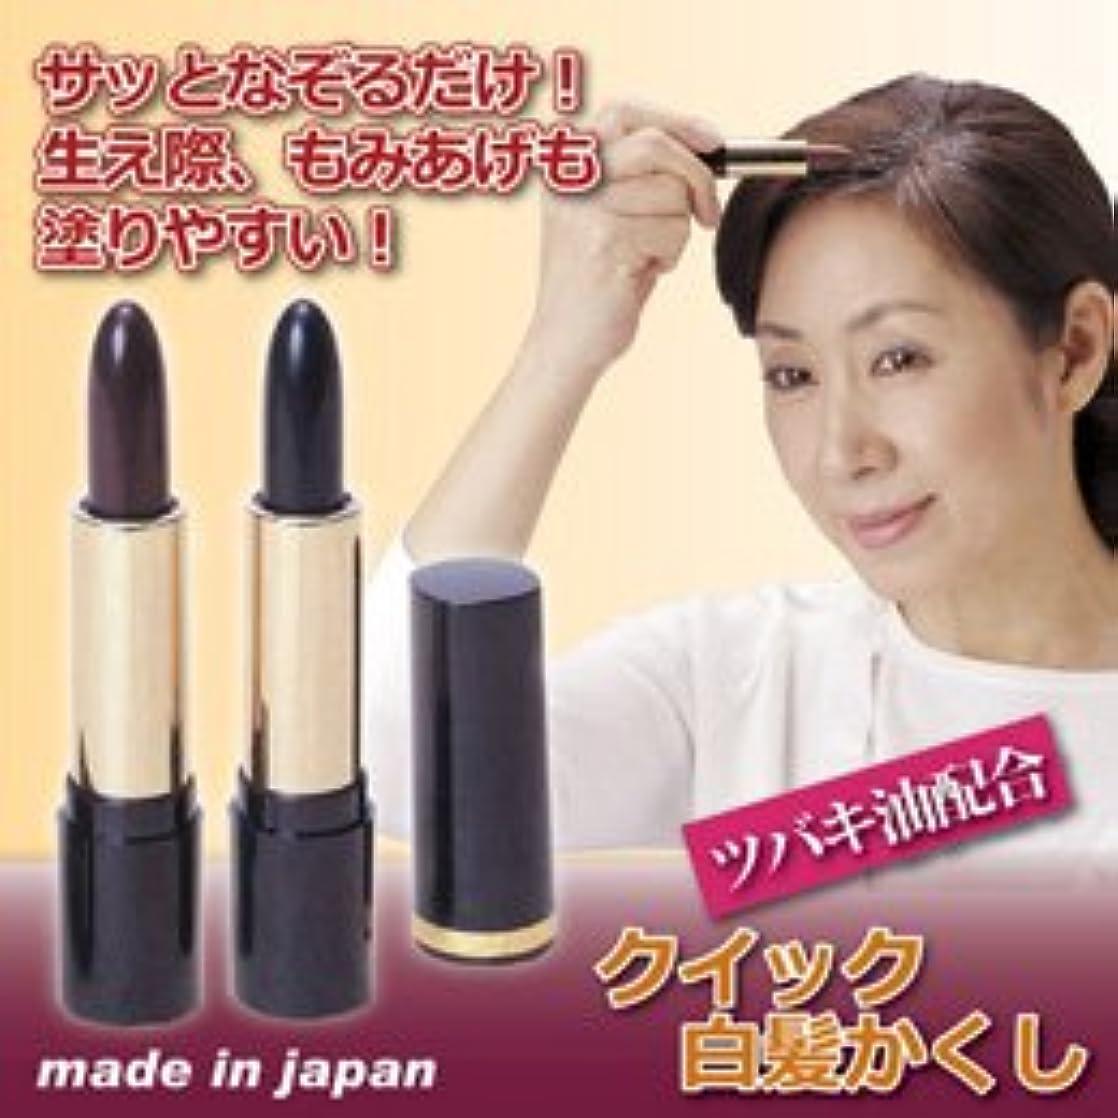 レーザバンドル資産大阪化粧品 クイック白髪かくし ブラウン 8078232